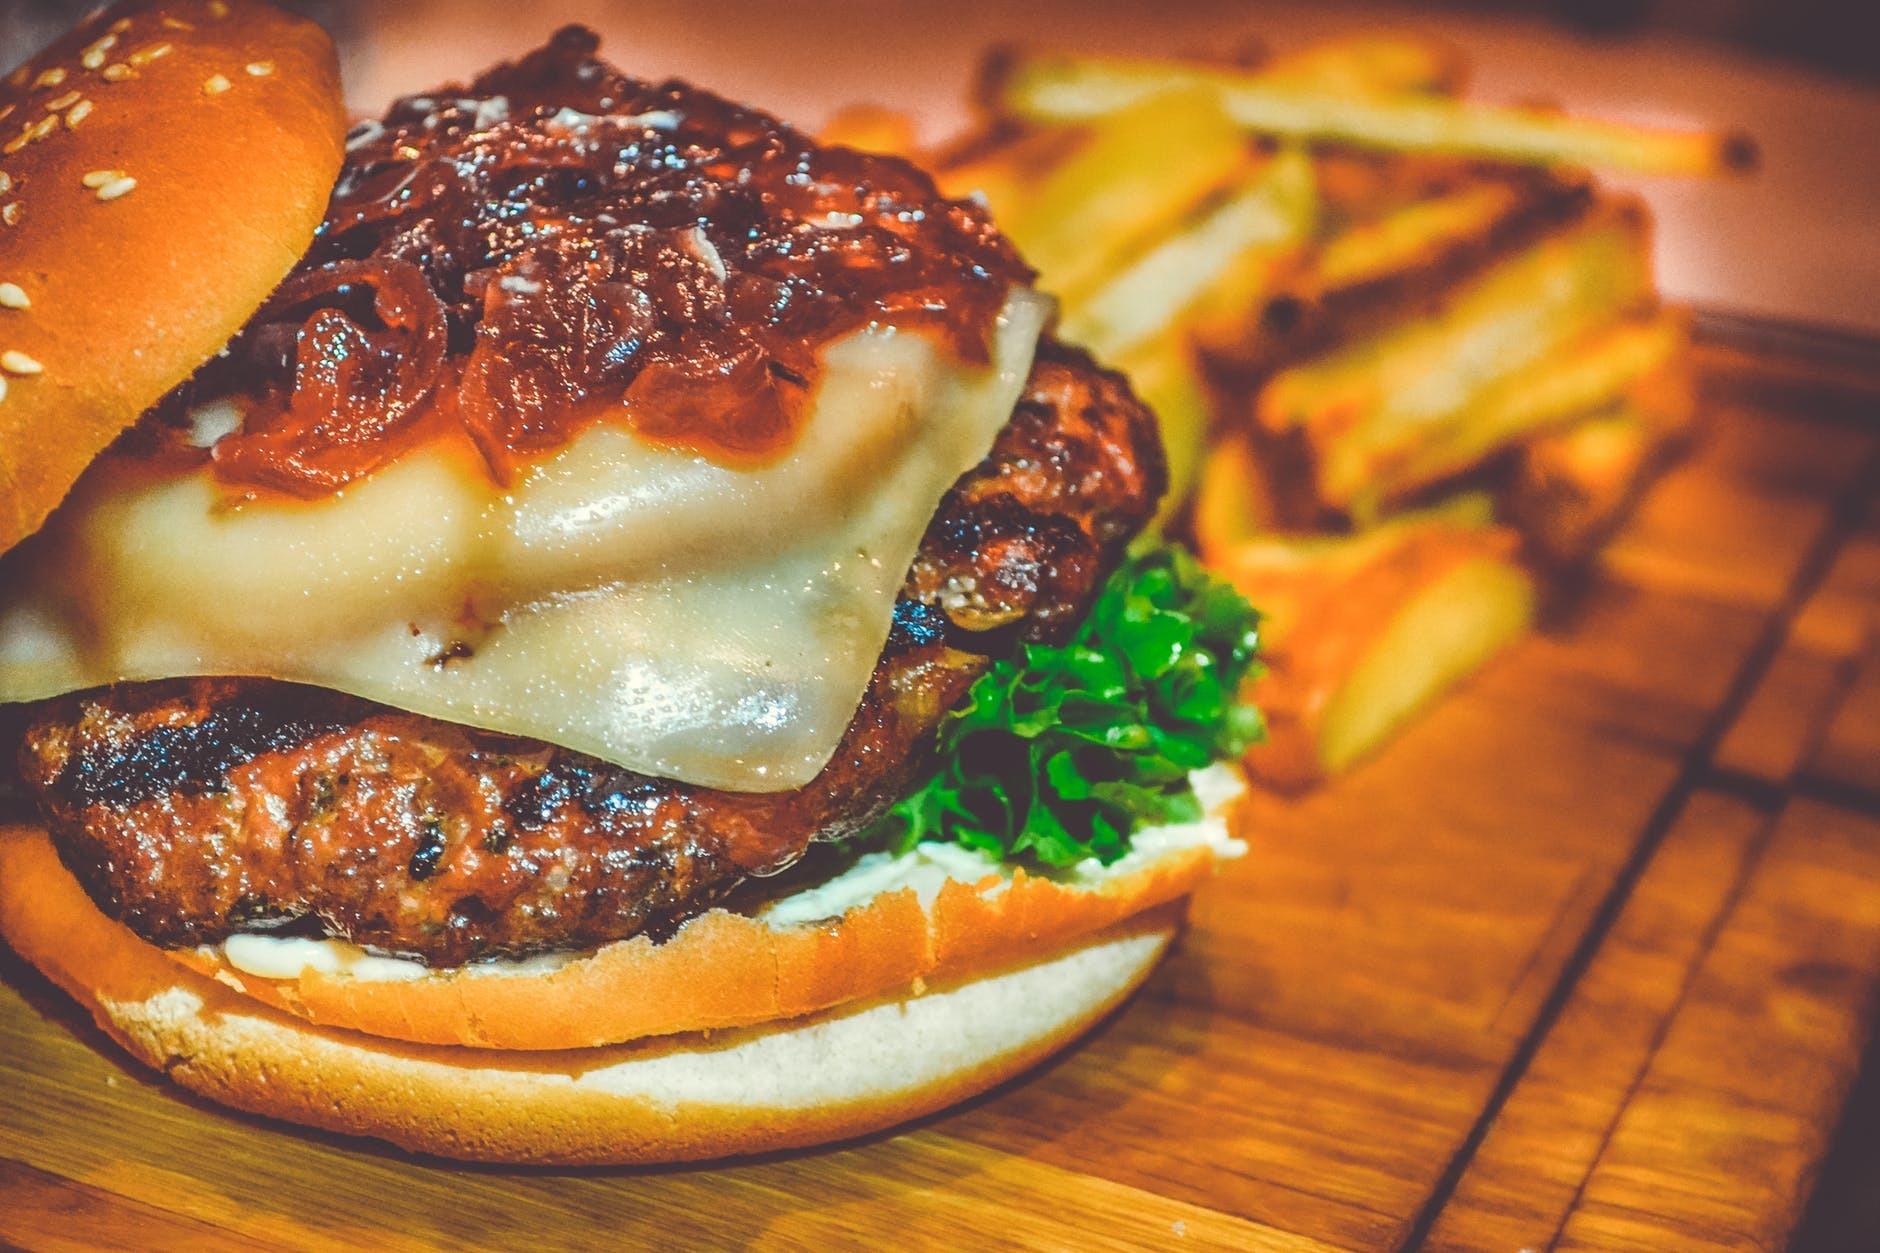 spicyburger.jpg